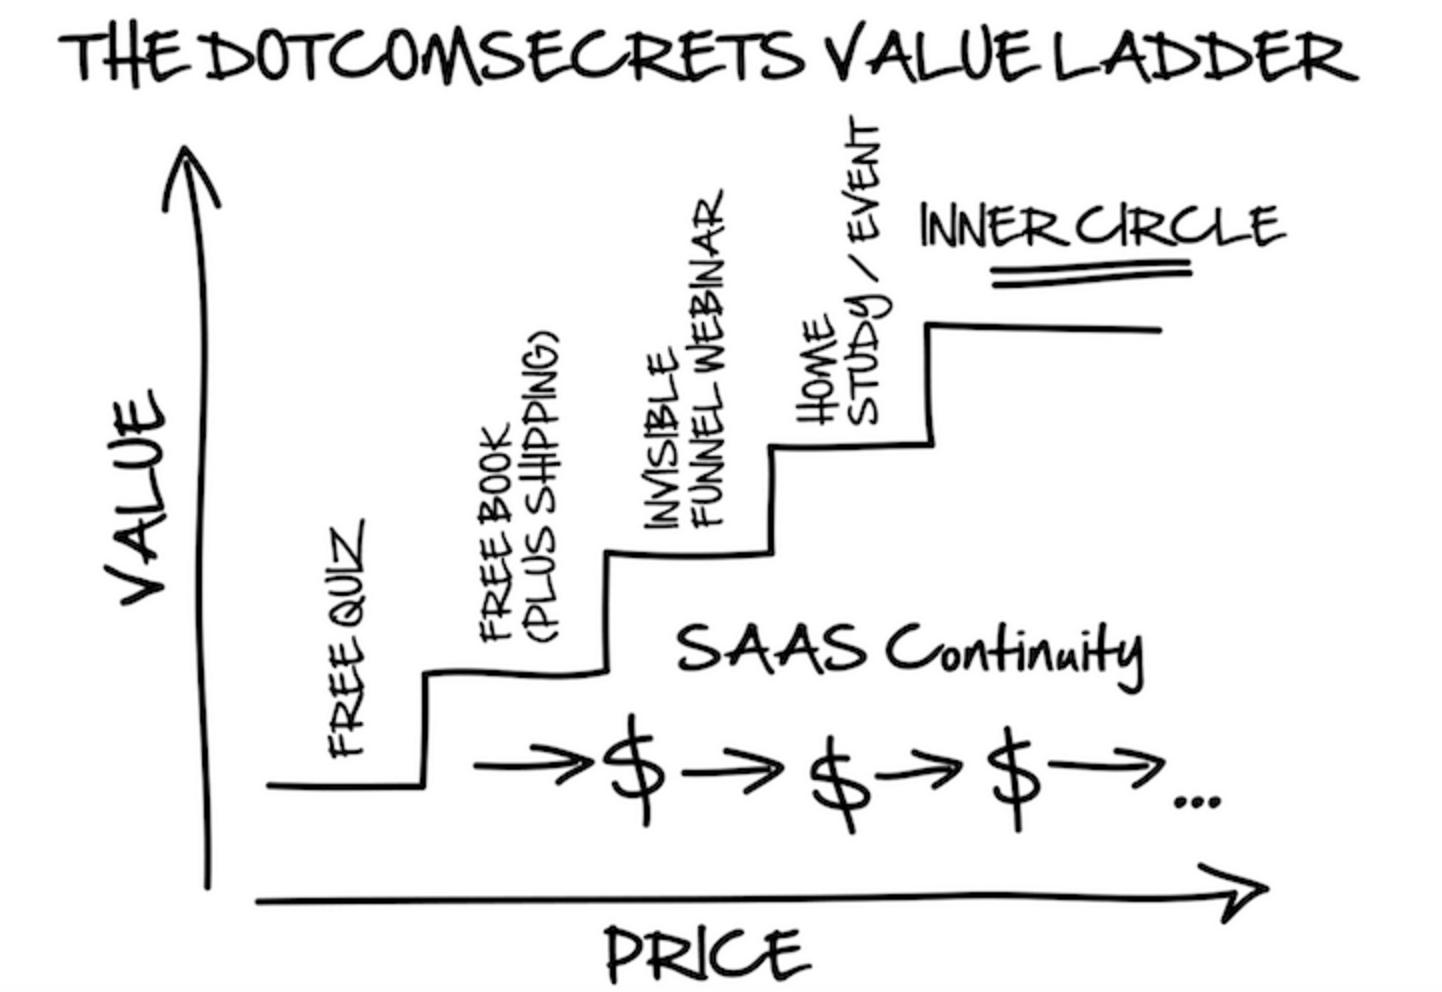 Dotcom Secrets Book Value Ladder